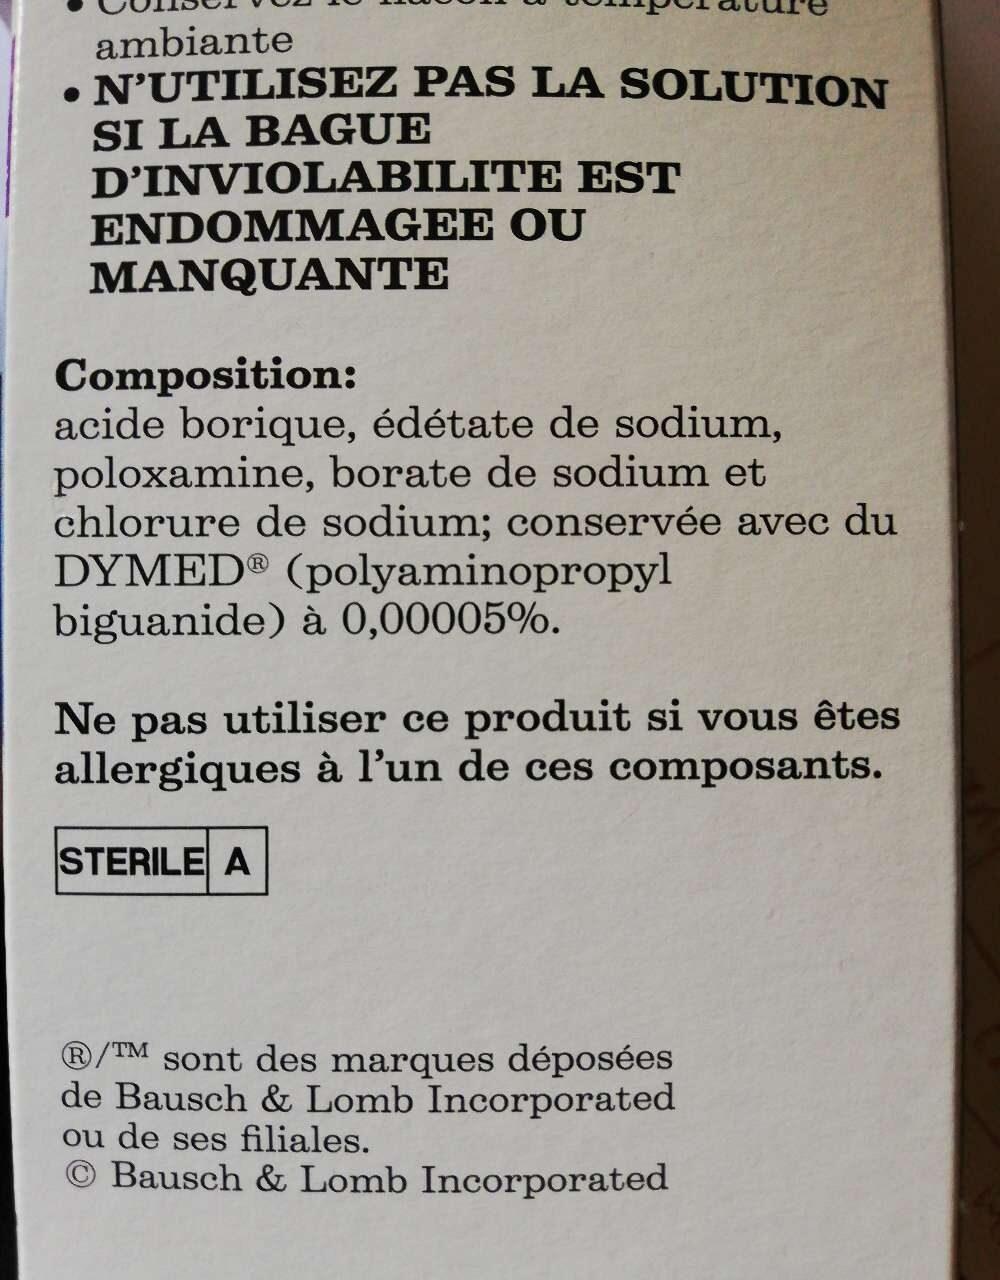 ReNu formule classique - Ingrédients - fr